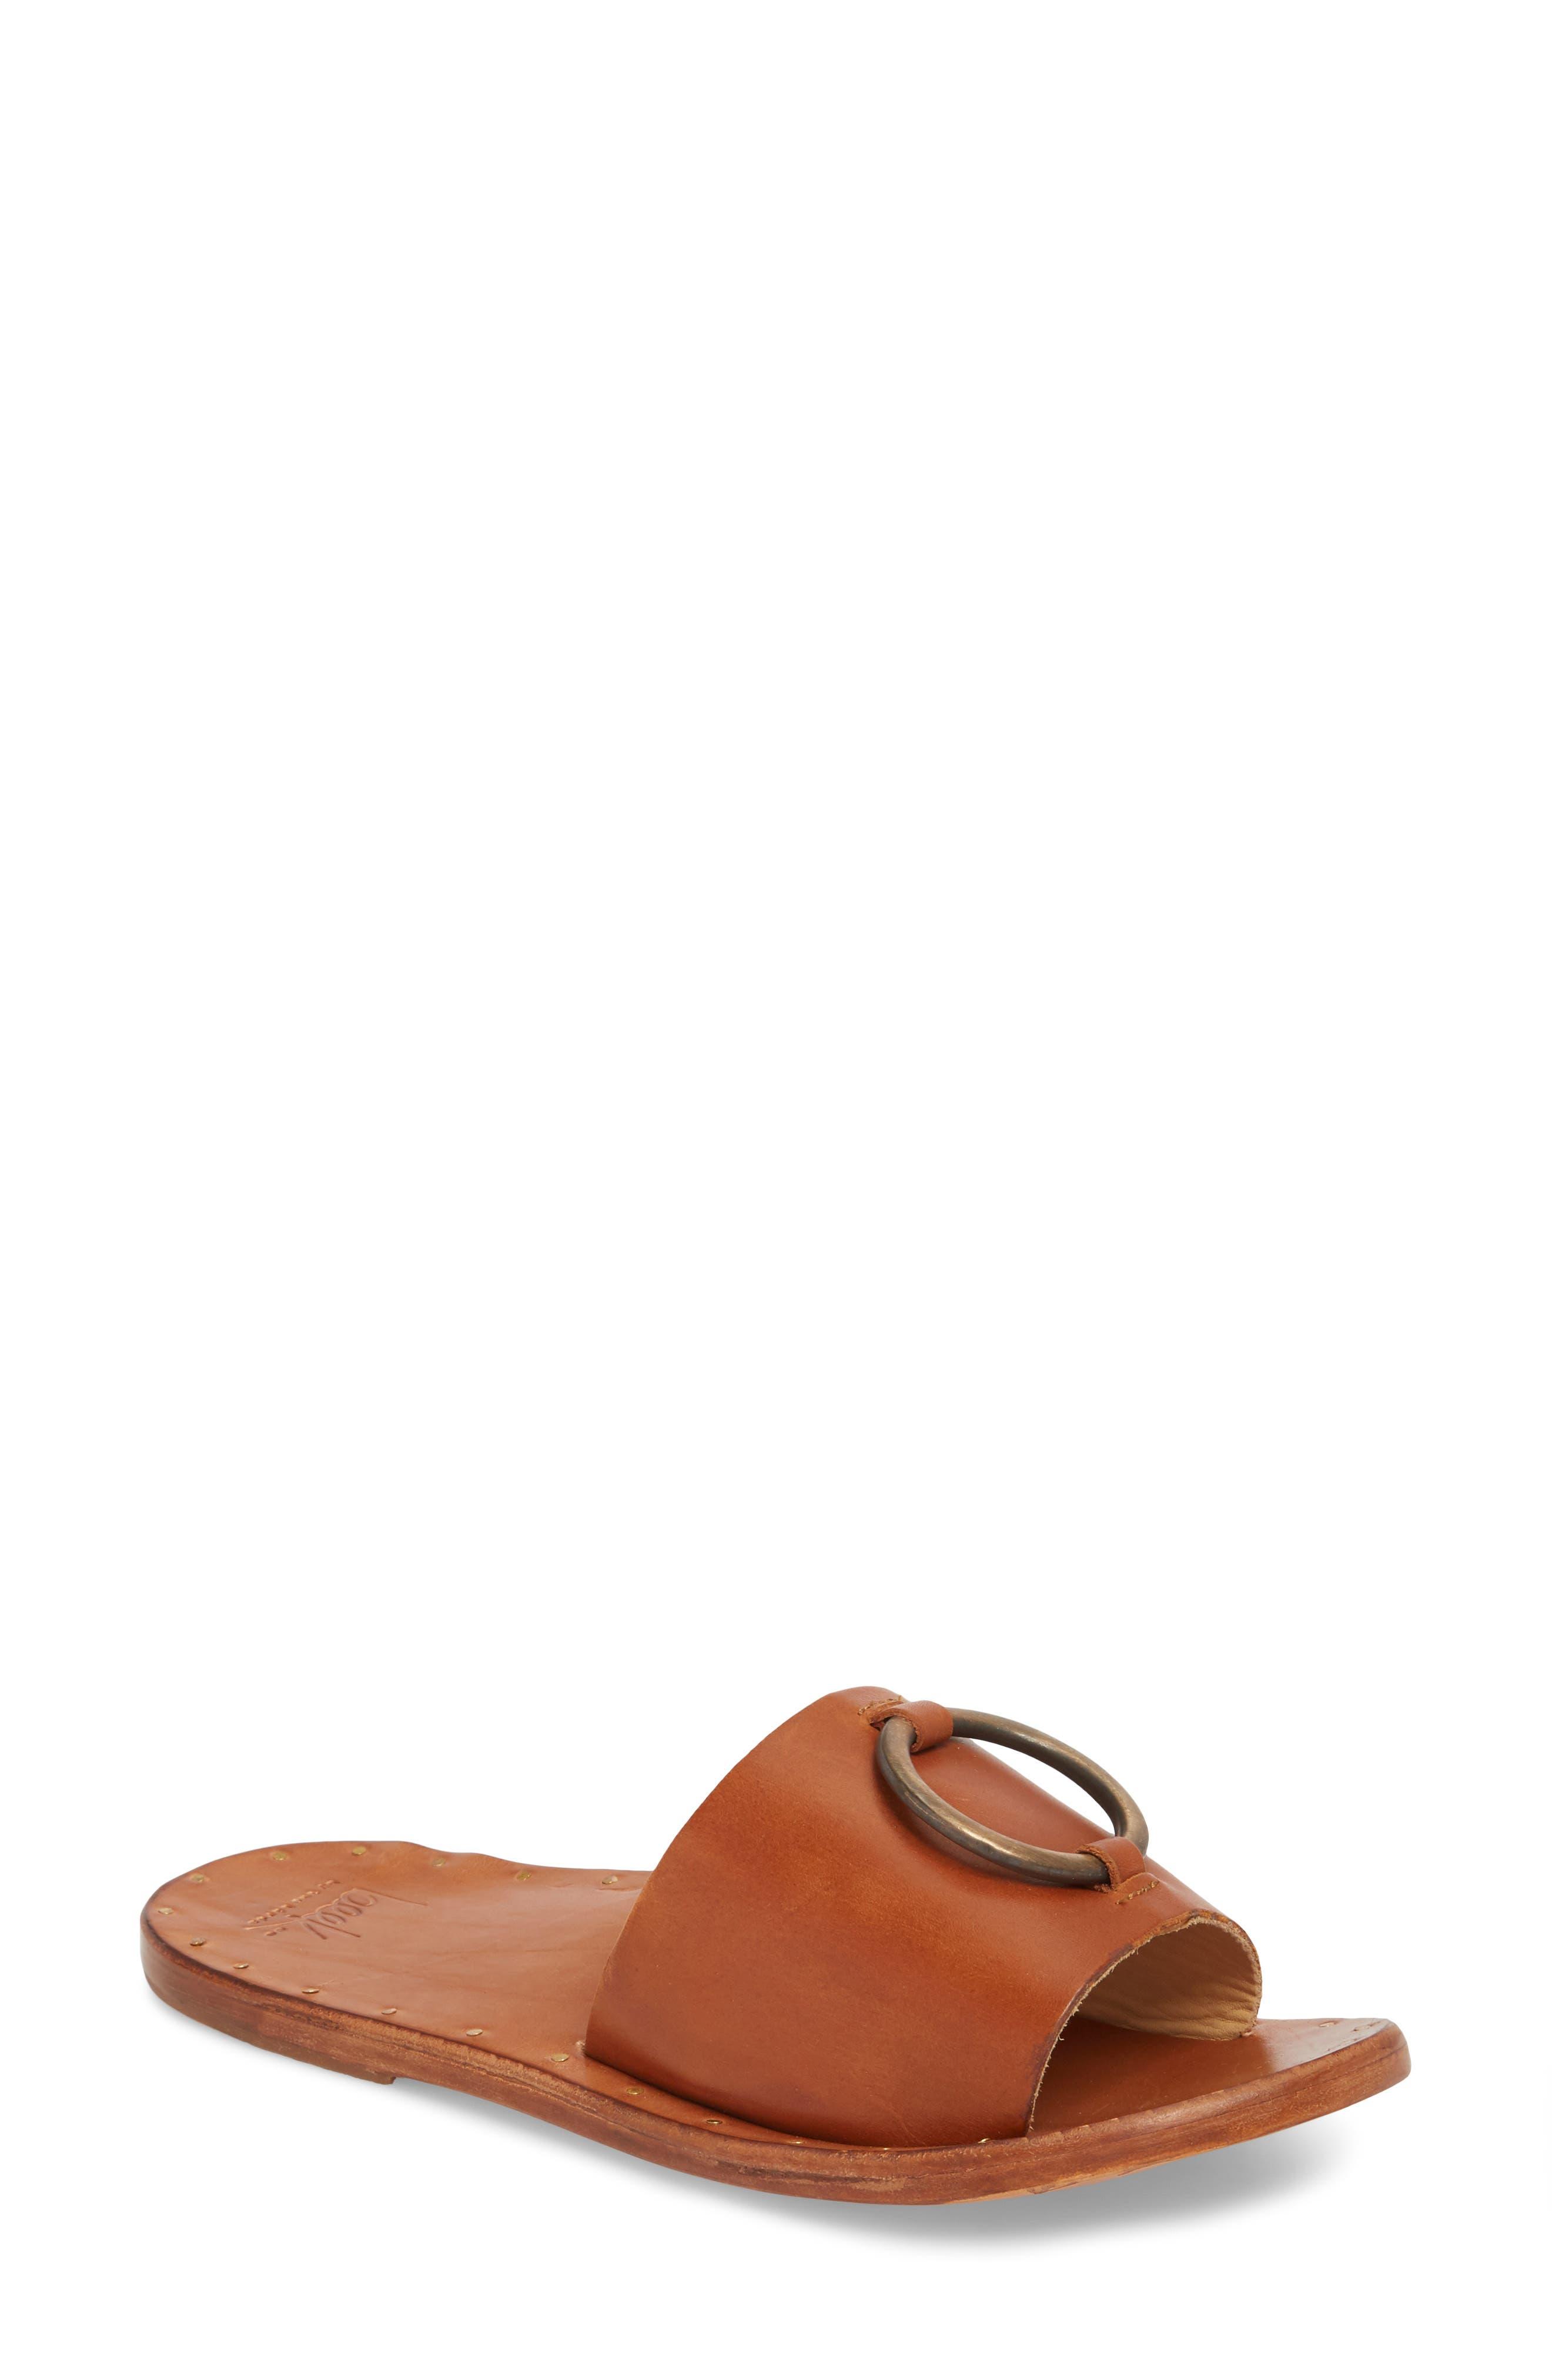 Cockatoo Slide Sandal,                         Main,                         color, Tan/ Tan